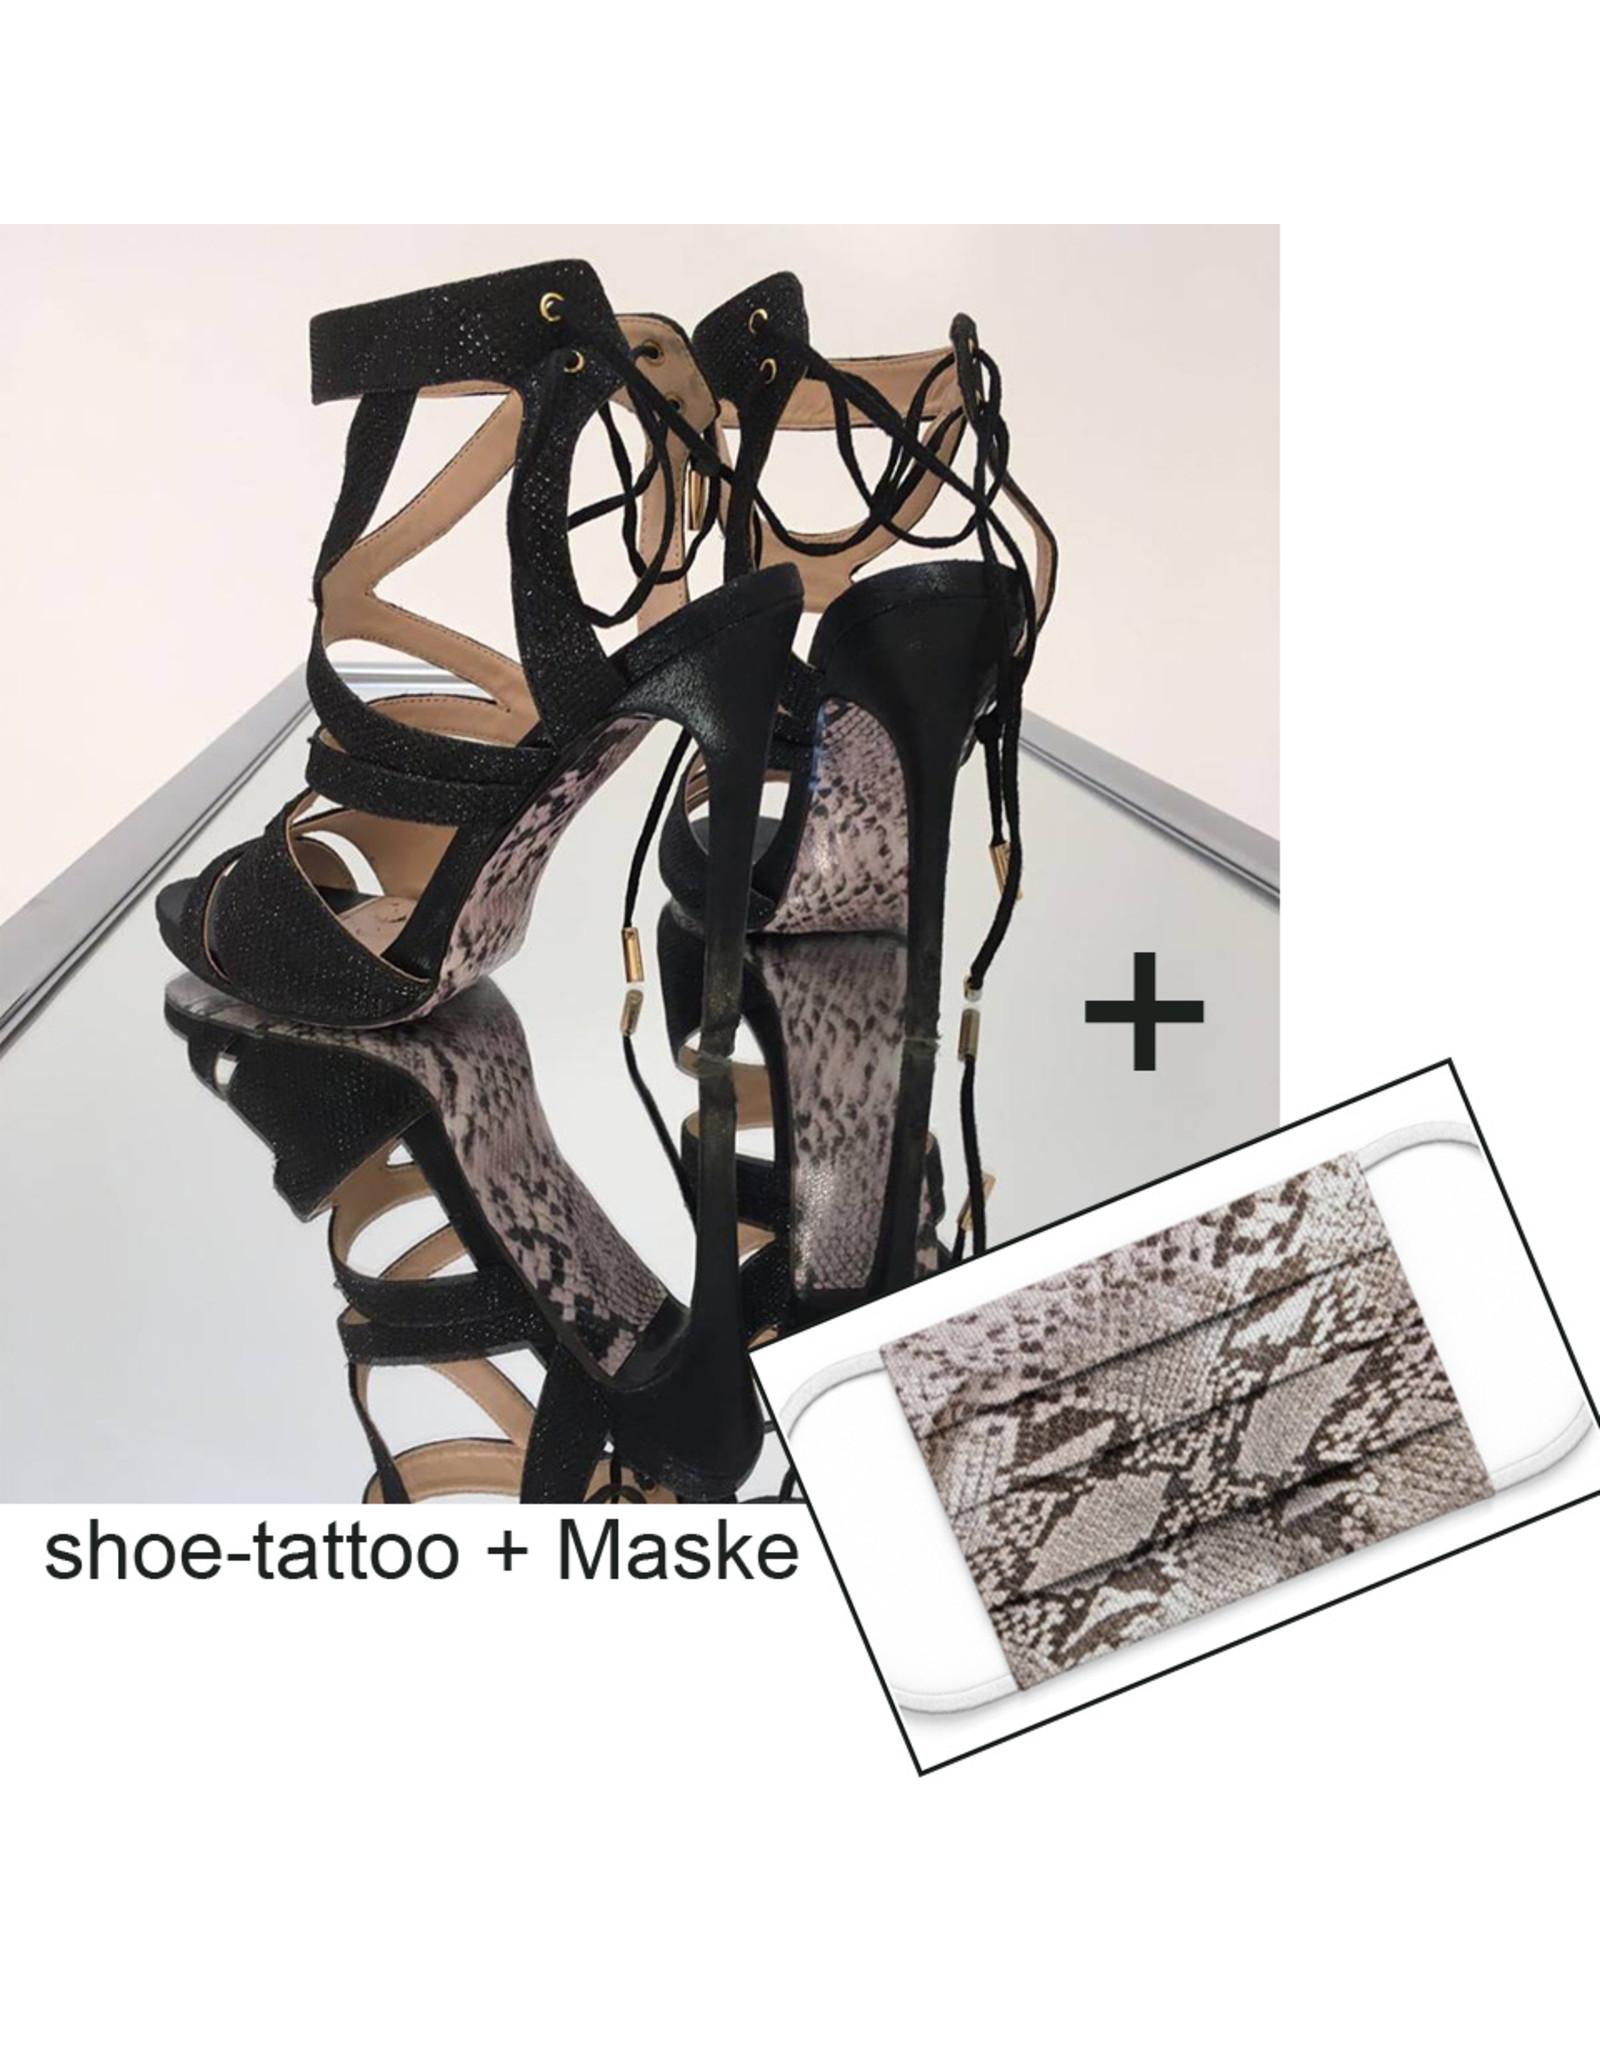 """the shoe-tattoo the shoe-tattoo """"SNAKE"""" + Mask"""